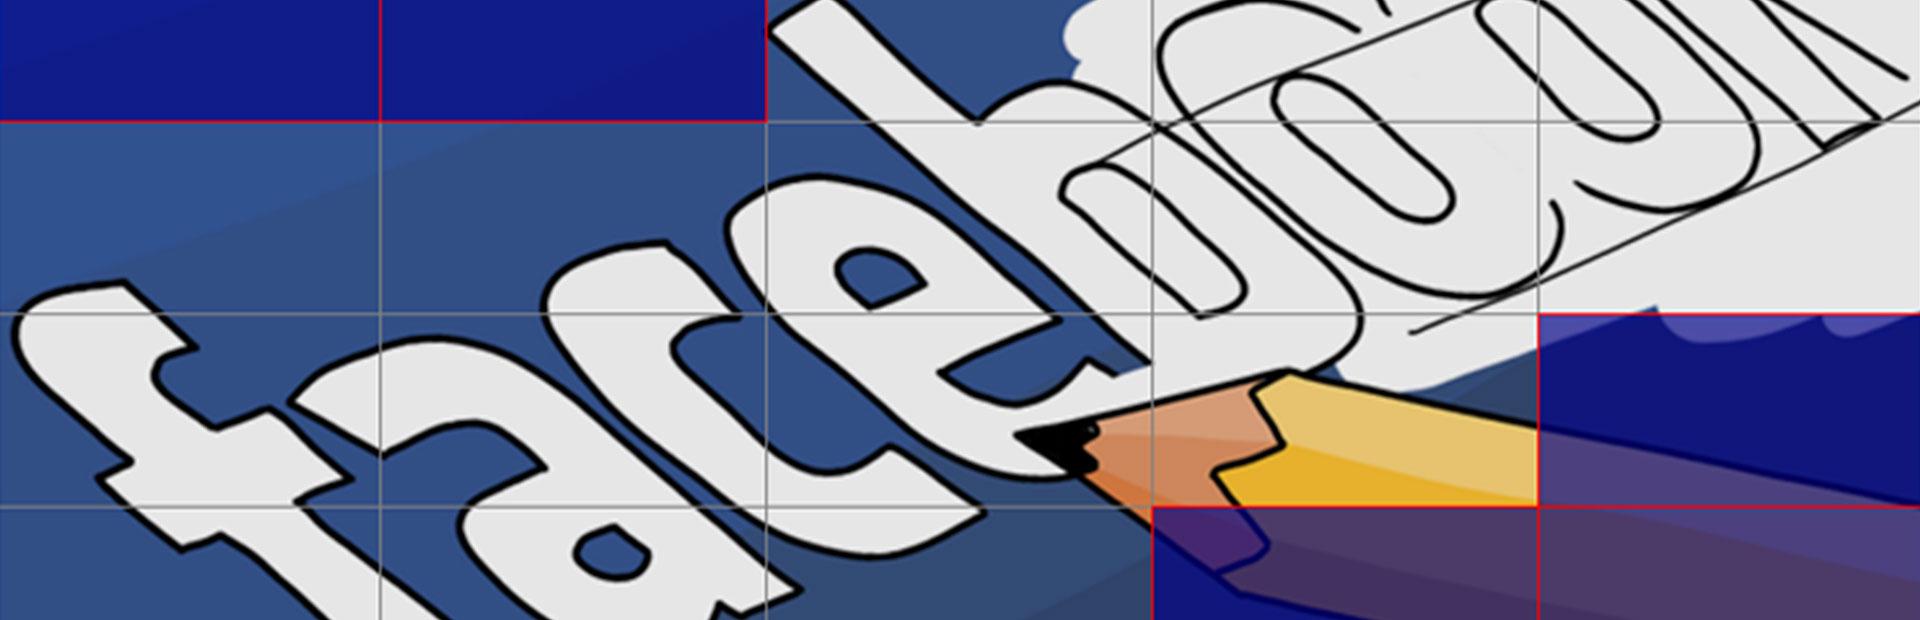 Jak tworzyć skuteczne reklamy na facebooku